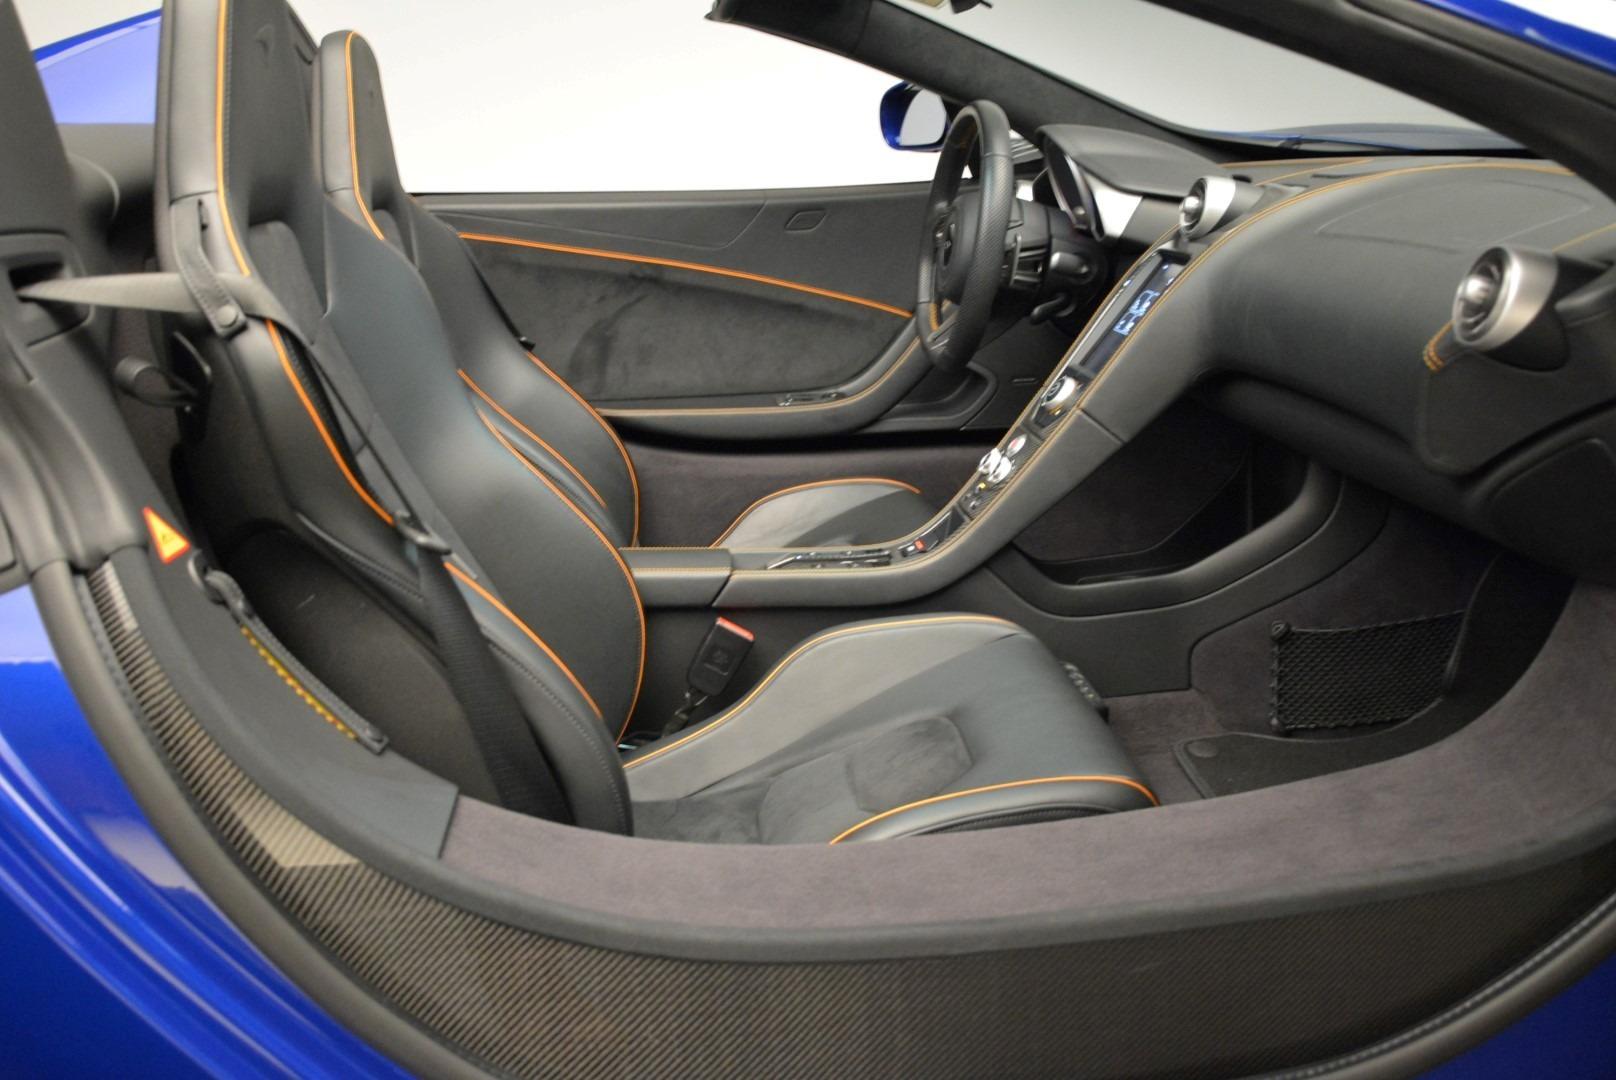 Used 2016 McLaren 650S Spider For Sale In Westport, CT 2013_p27